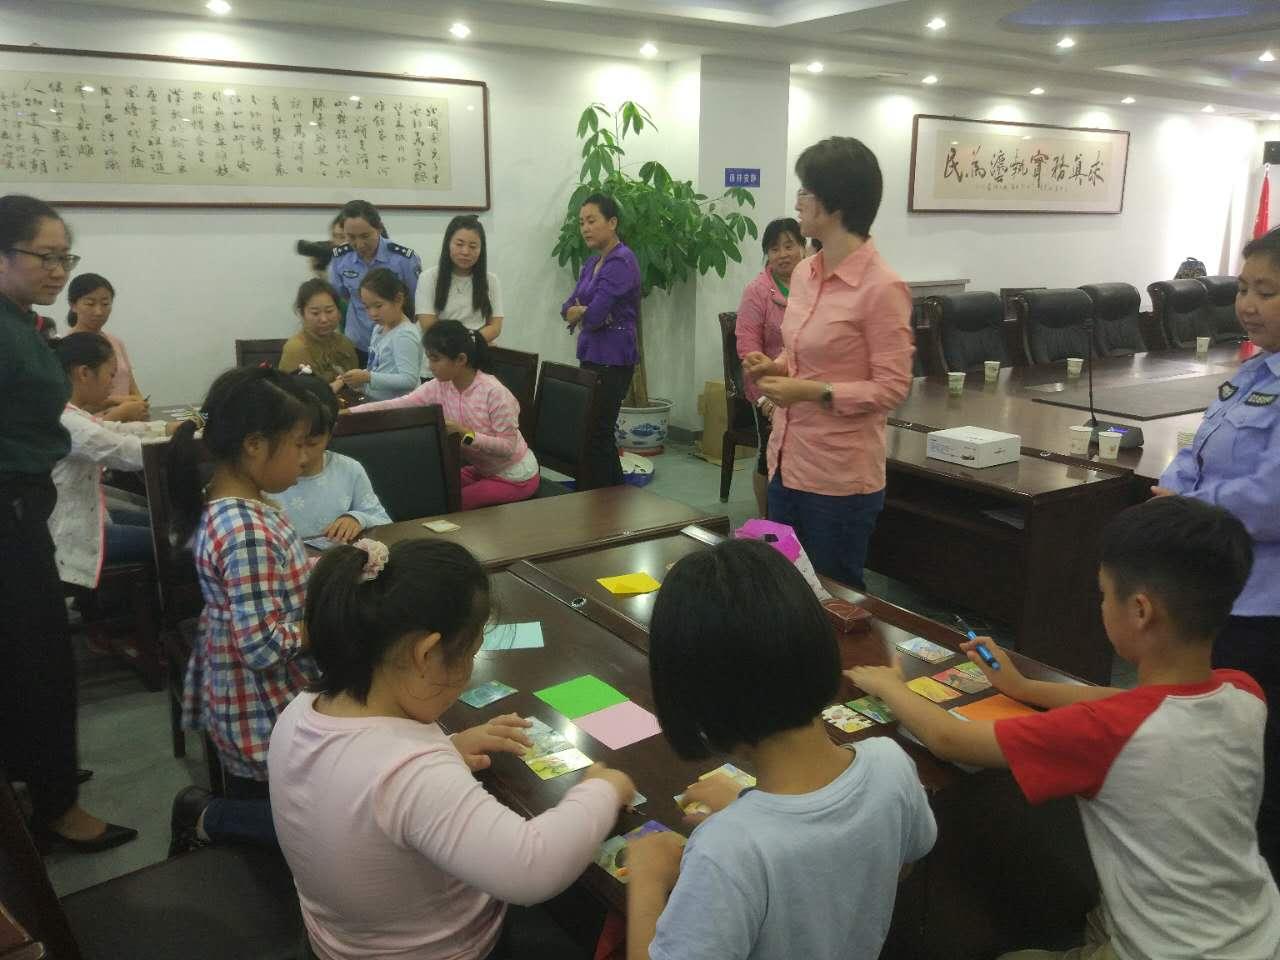 本次活动的宗旨就是指导和帮助家长建立全新的家庭教育观念